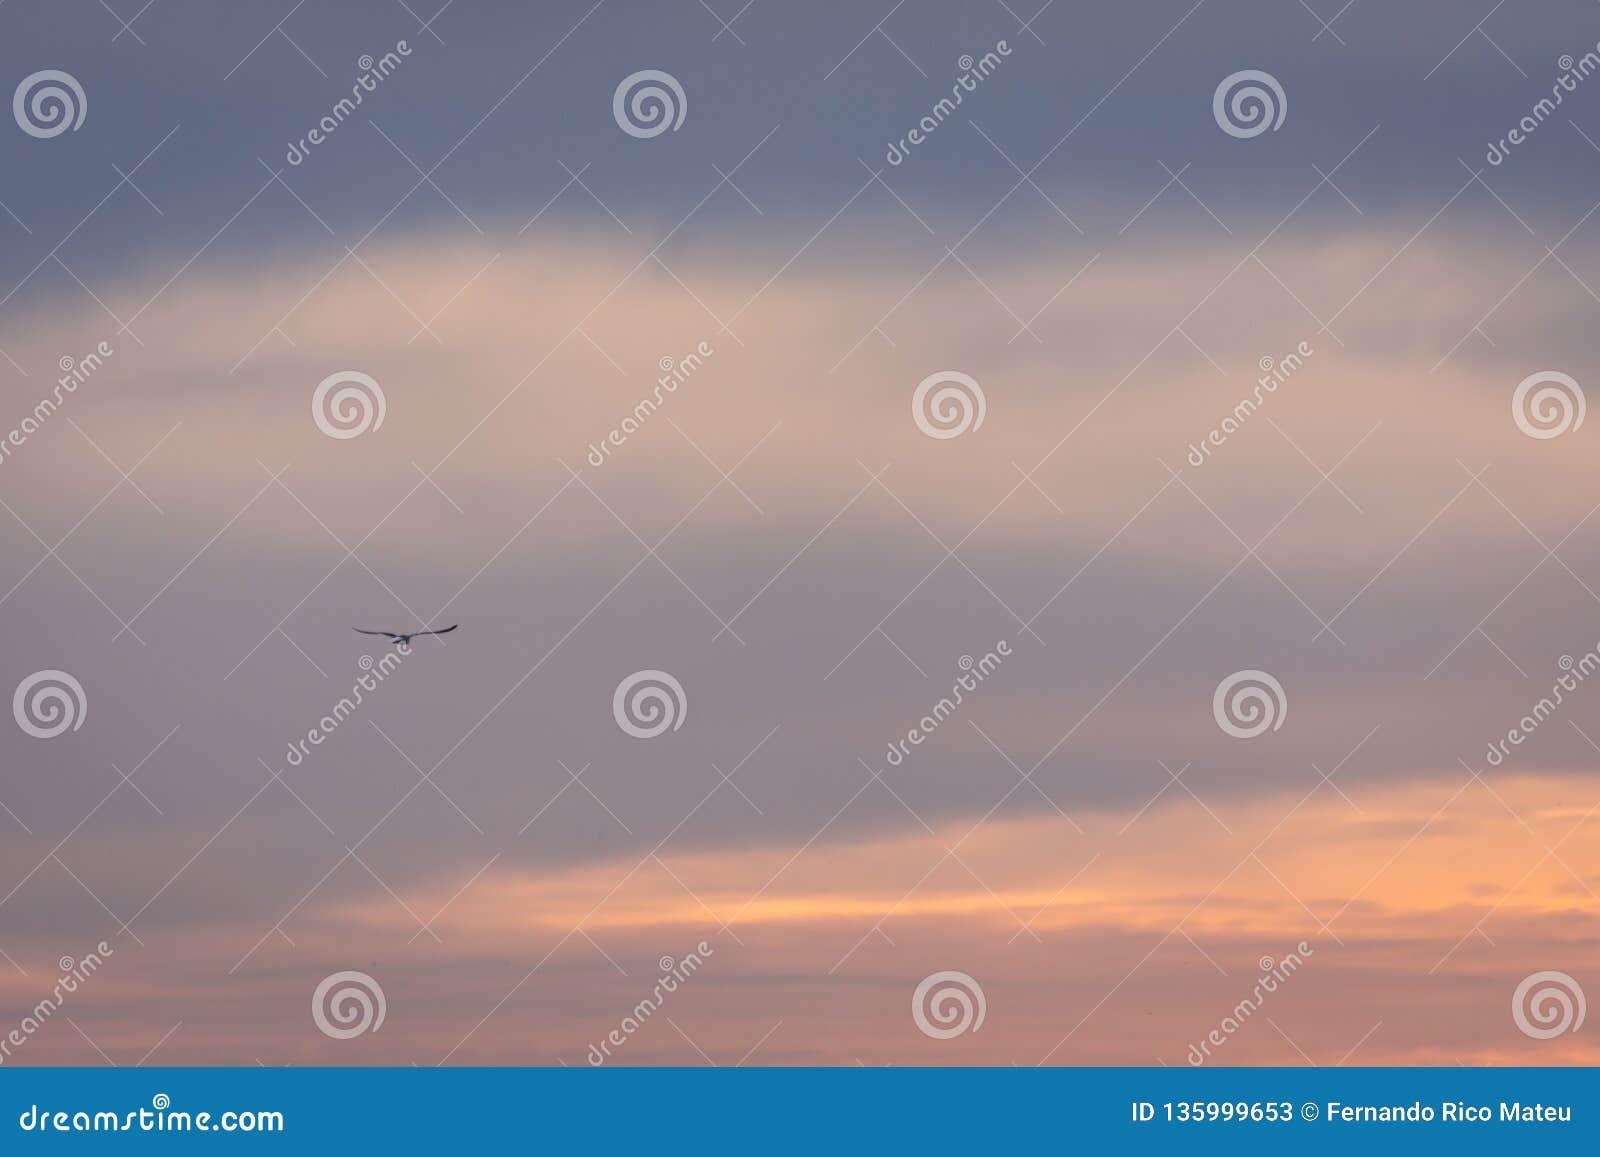 Ανατολή ηλιοβασιλέματος ουρανού χρώματος μόνο Ζωηρόχρωμη εικόνα